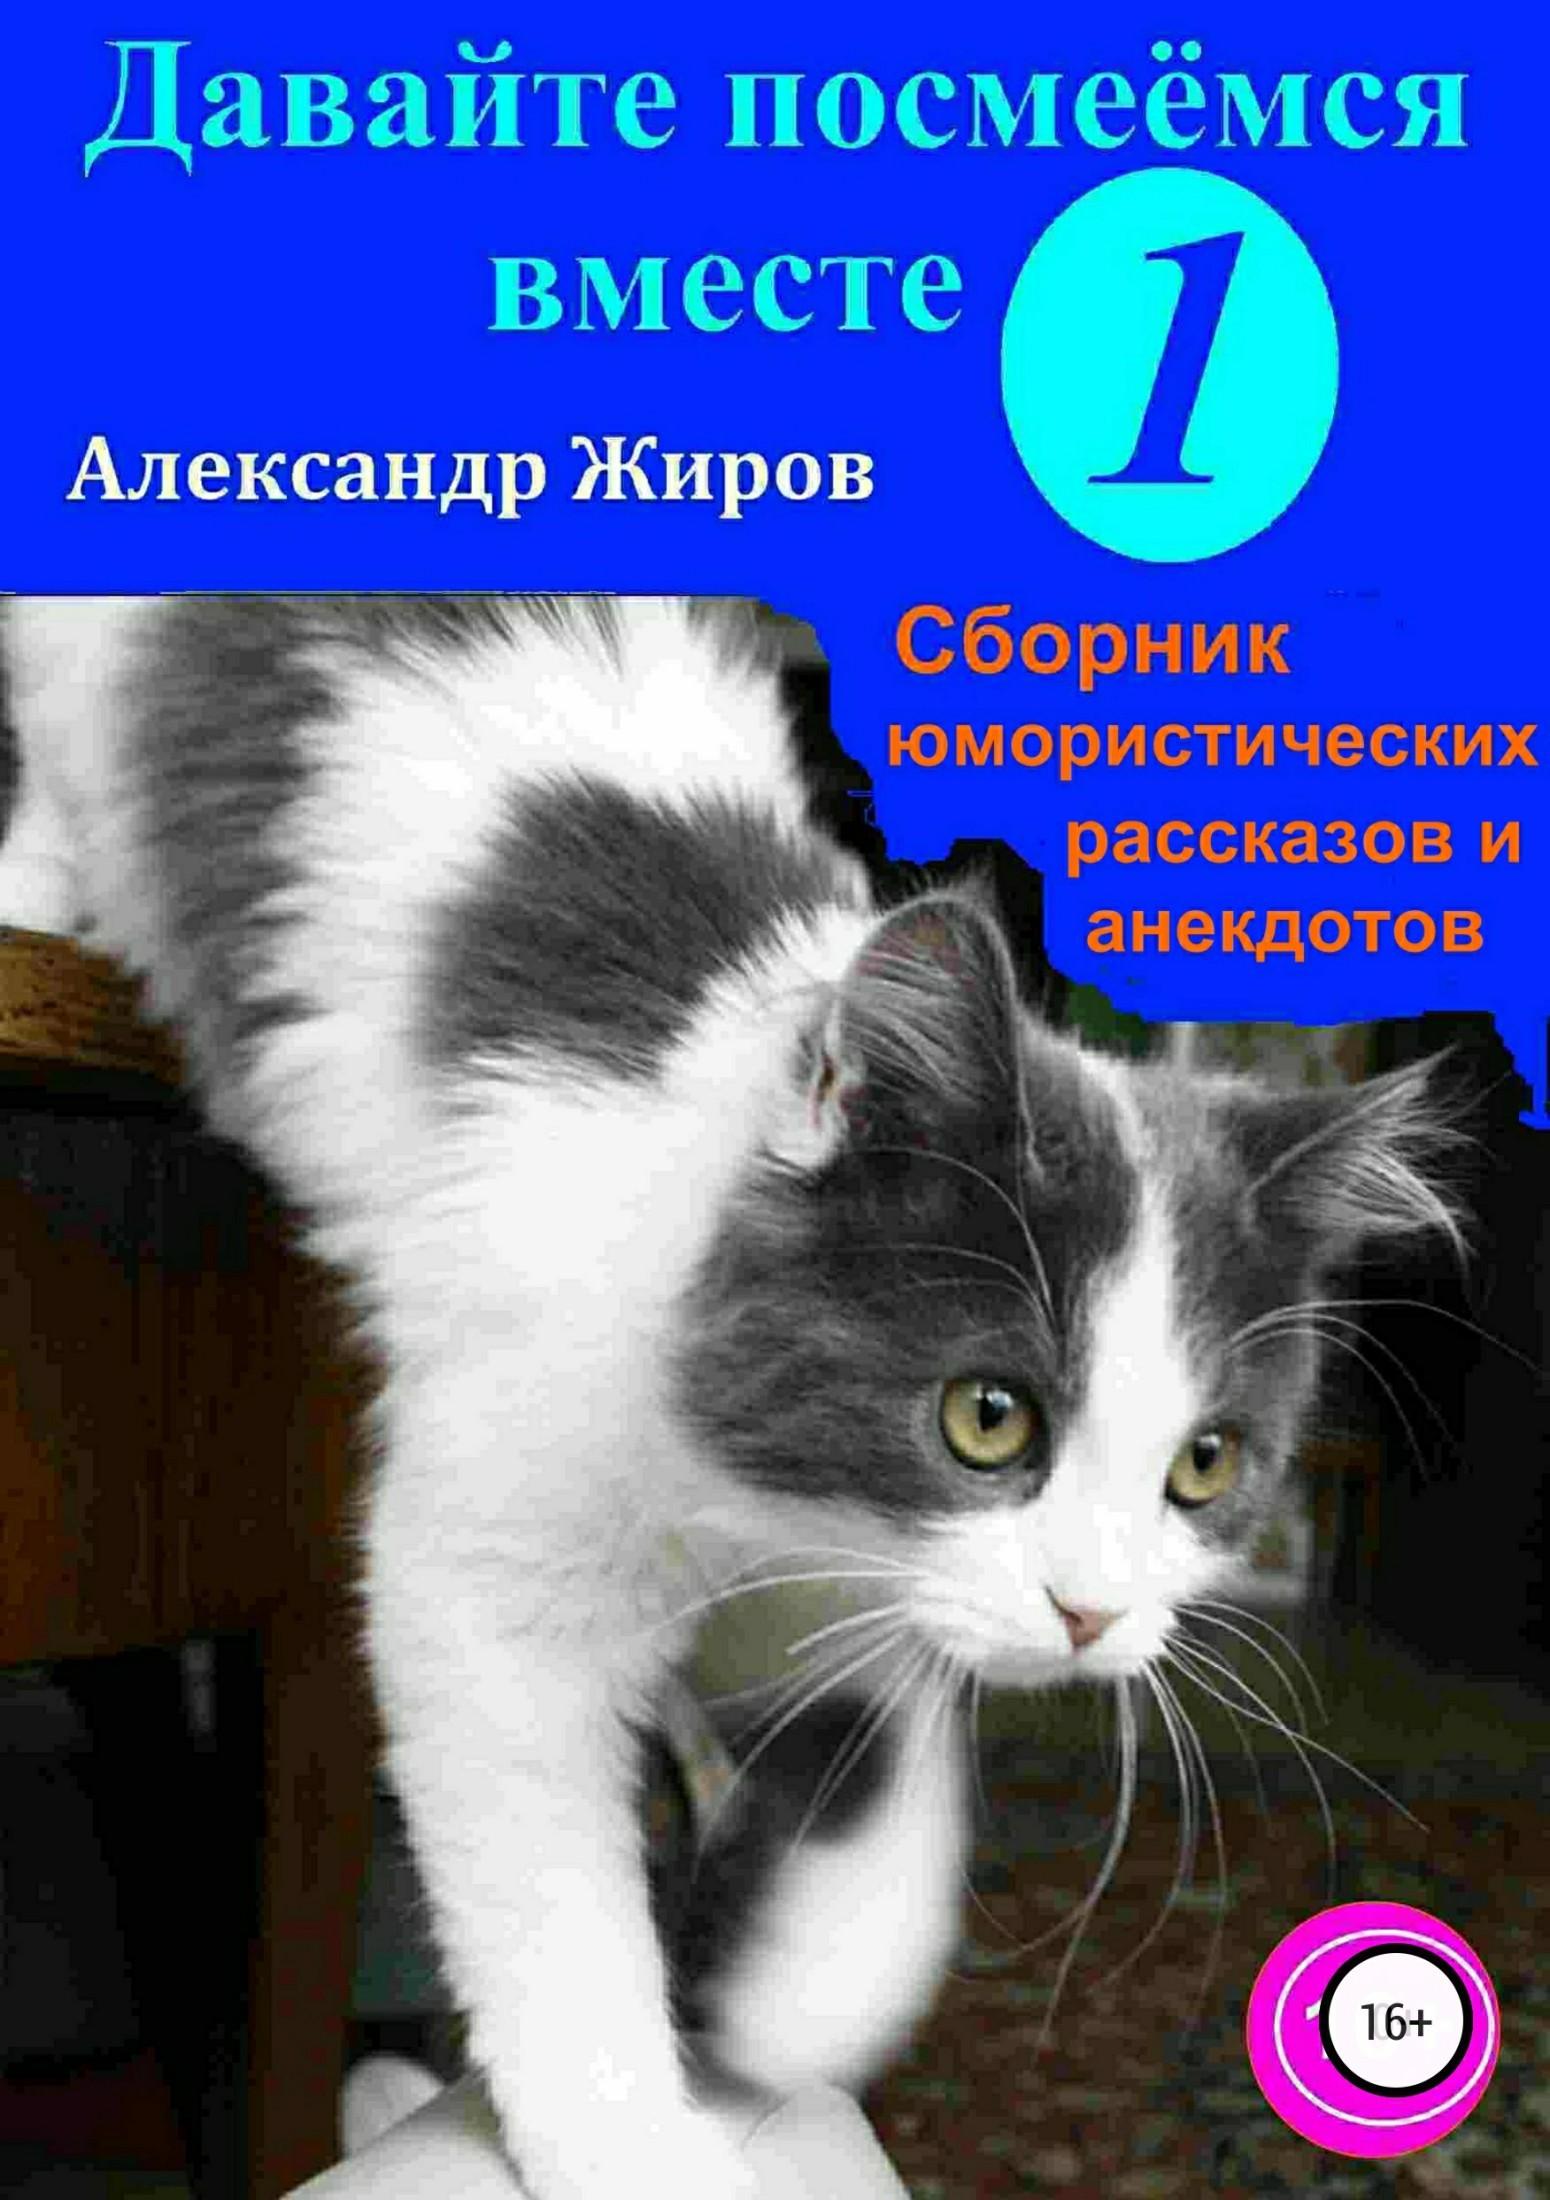 Александр Леонидович Жиров. Давайте посмеёмся вместе